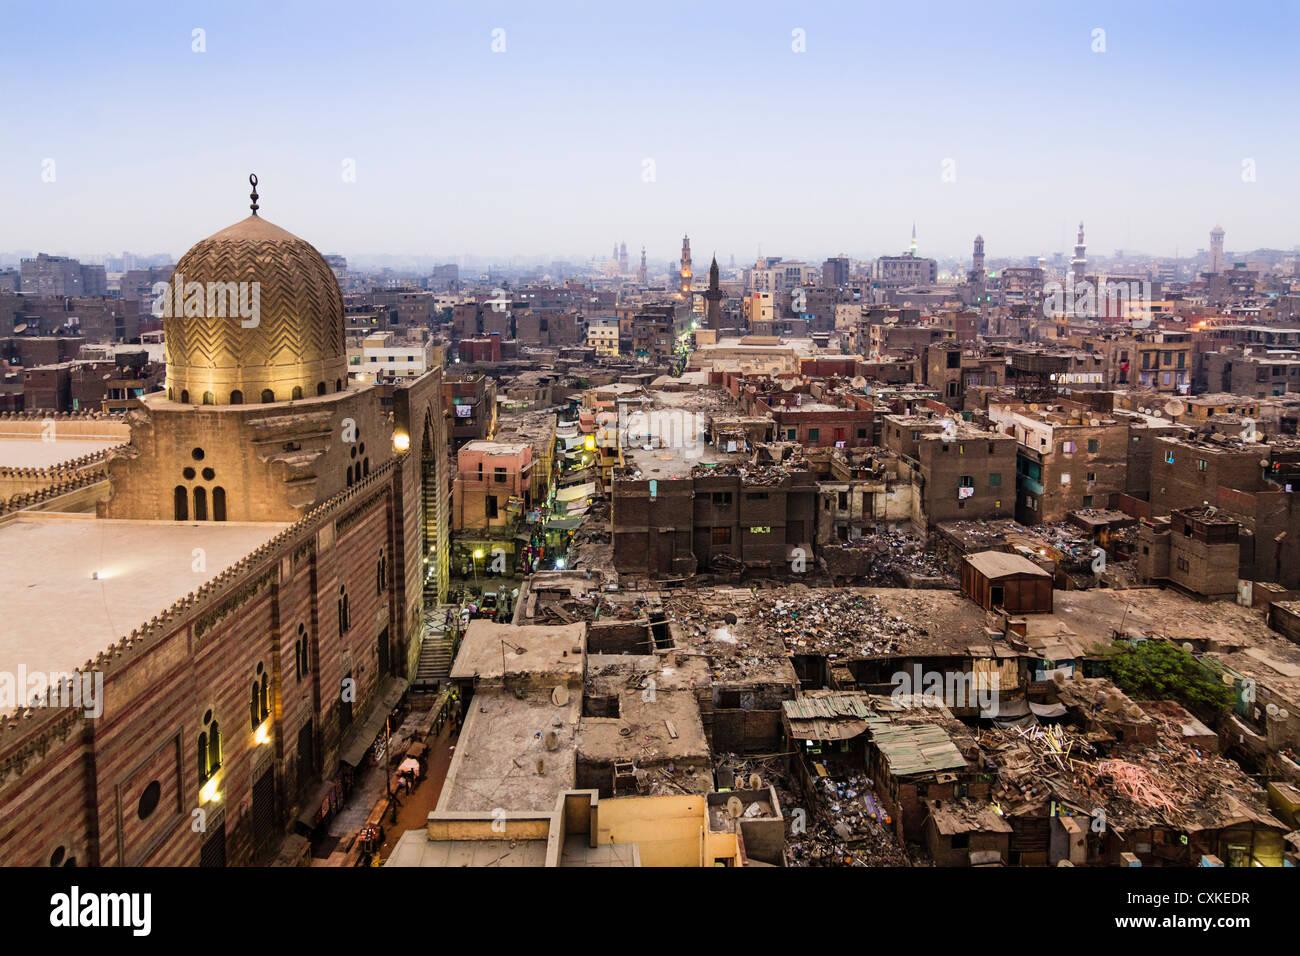 Panoramica del Cairo Islamico con la Moschea del Sultano al-Muayyad e abbandonati edifici del tetto. Il Cairo, Egitto Immagini Stock